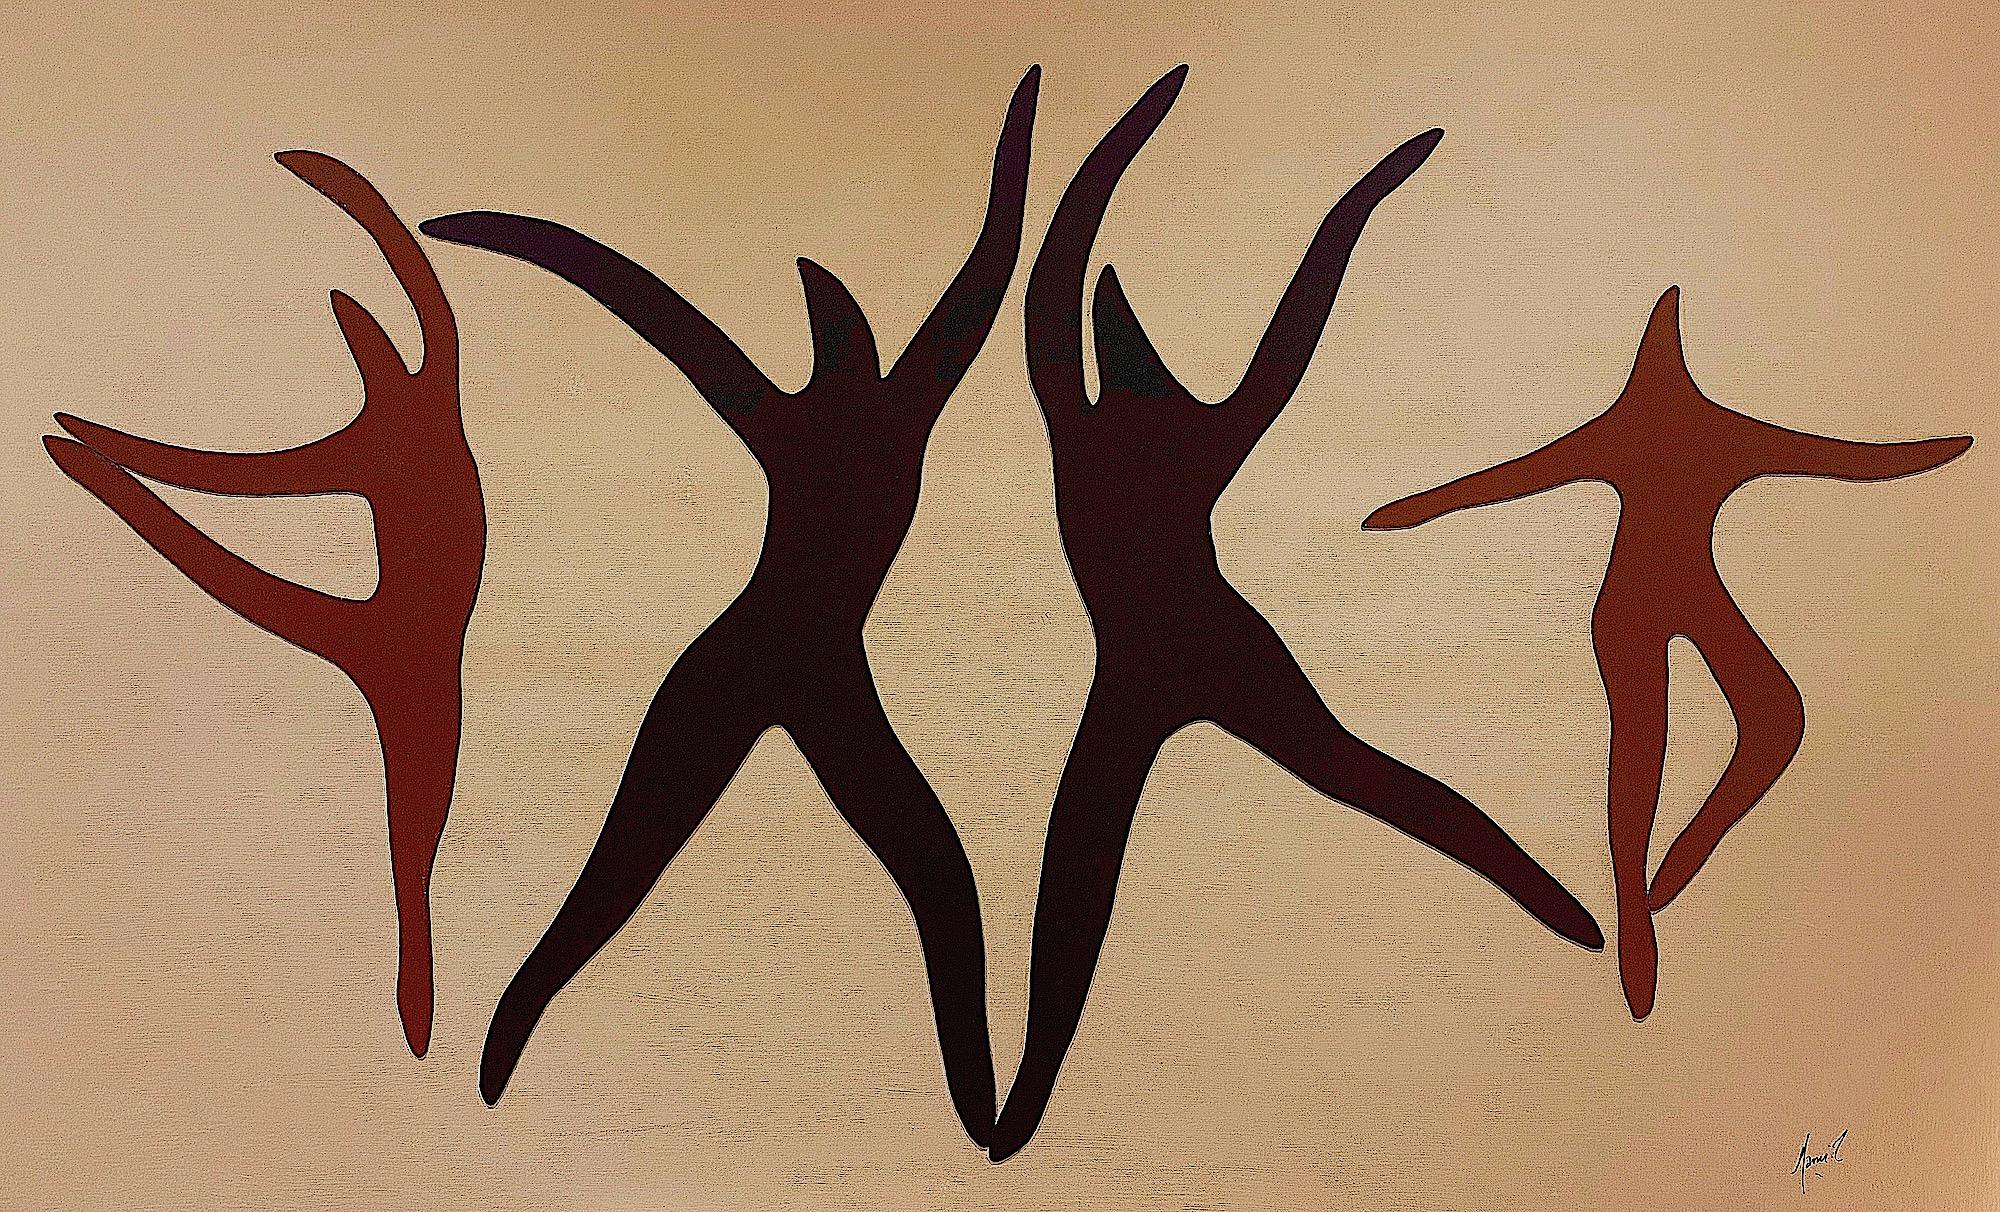 MAMI / Images et Poésie, Etoilles Dansantes